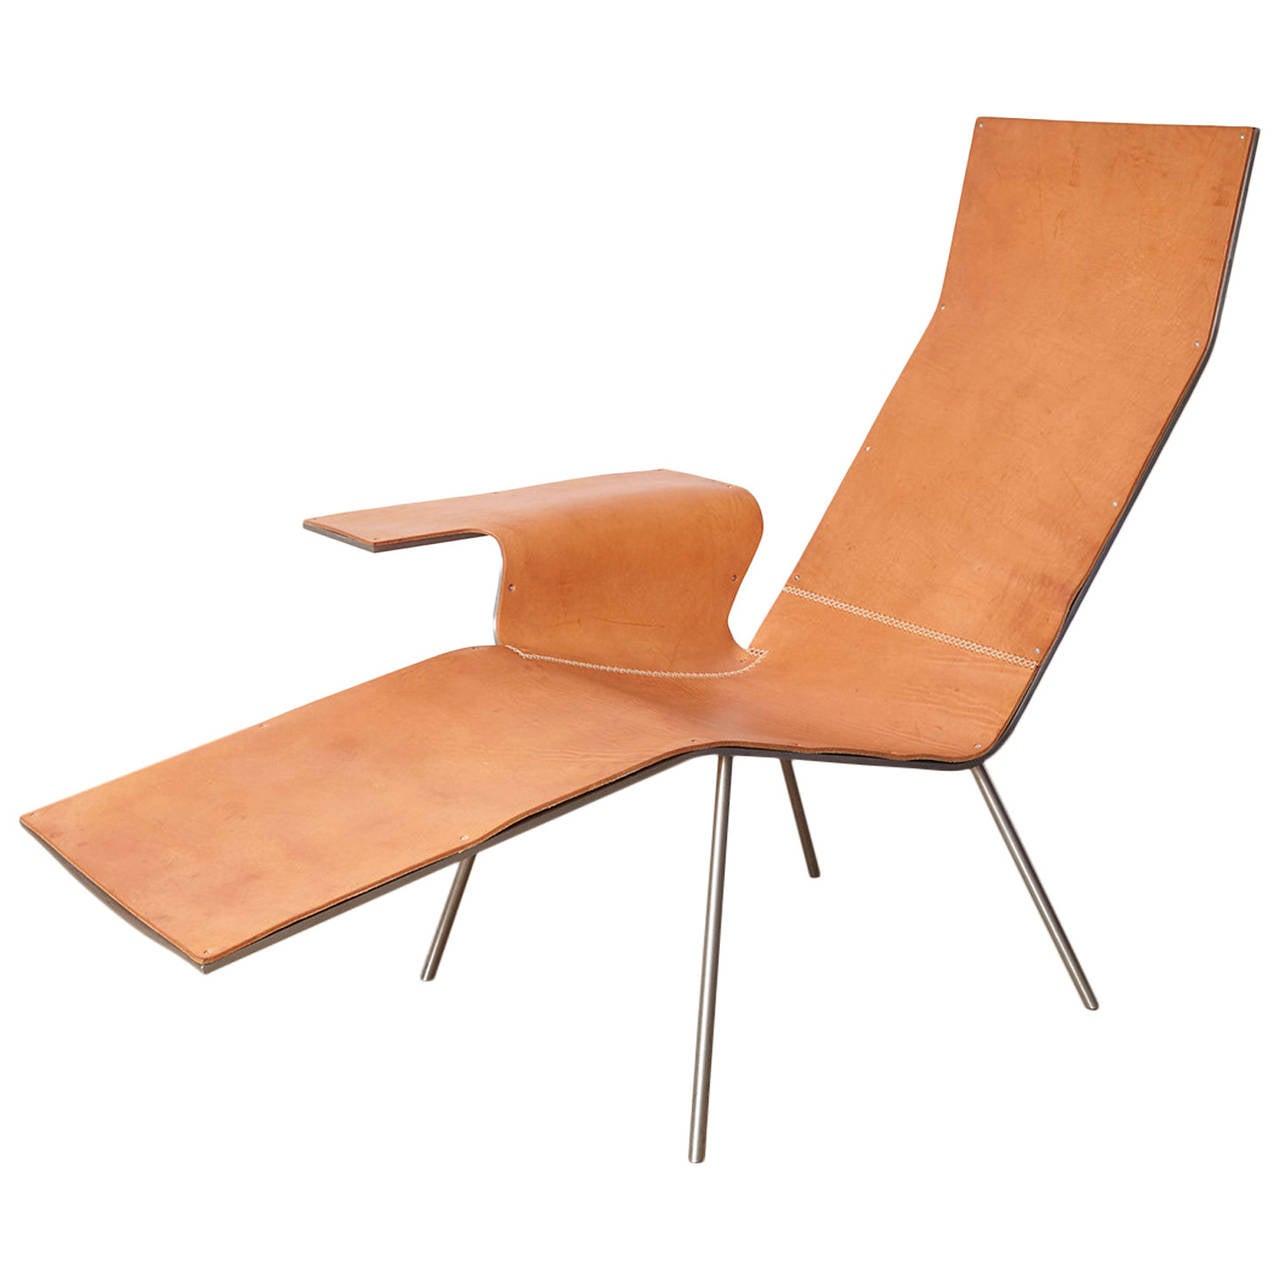 Maarten van severen lounge chair ll04 at 1stdibs for Chaises longues aluminium